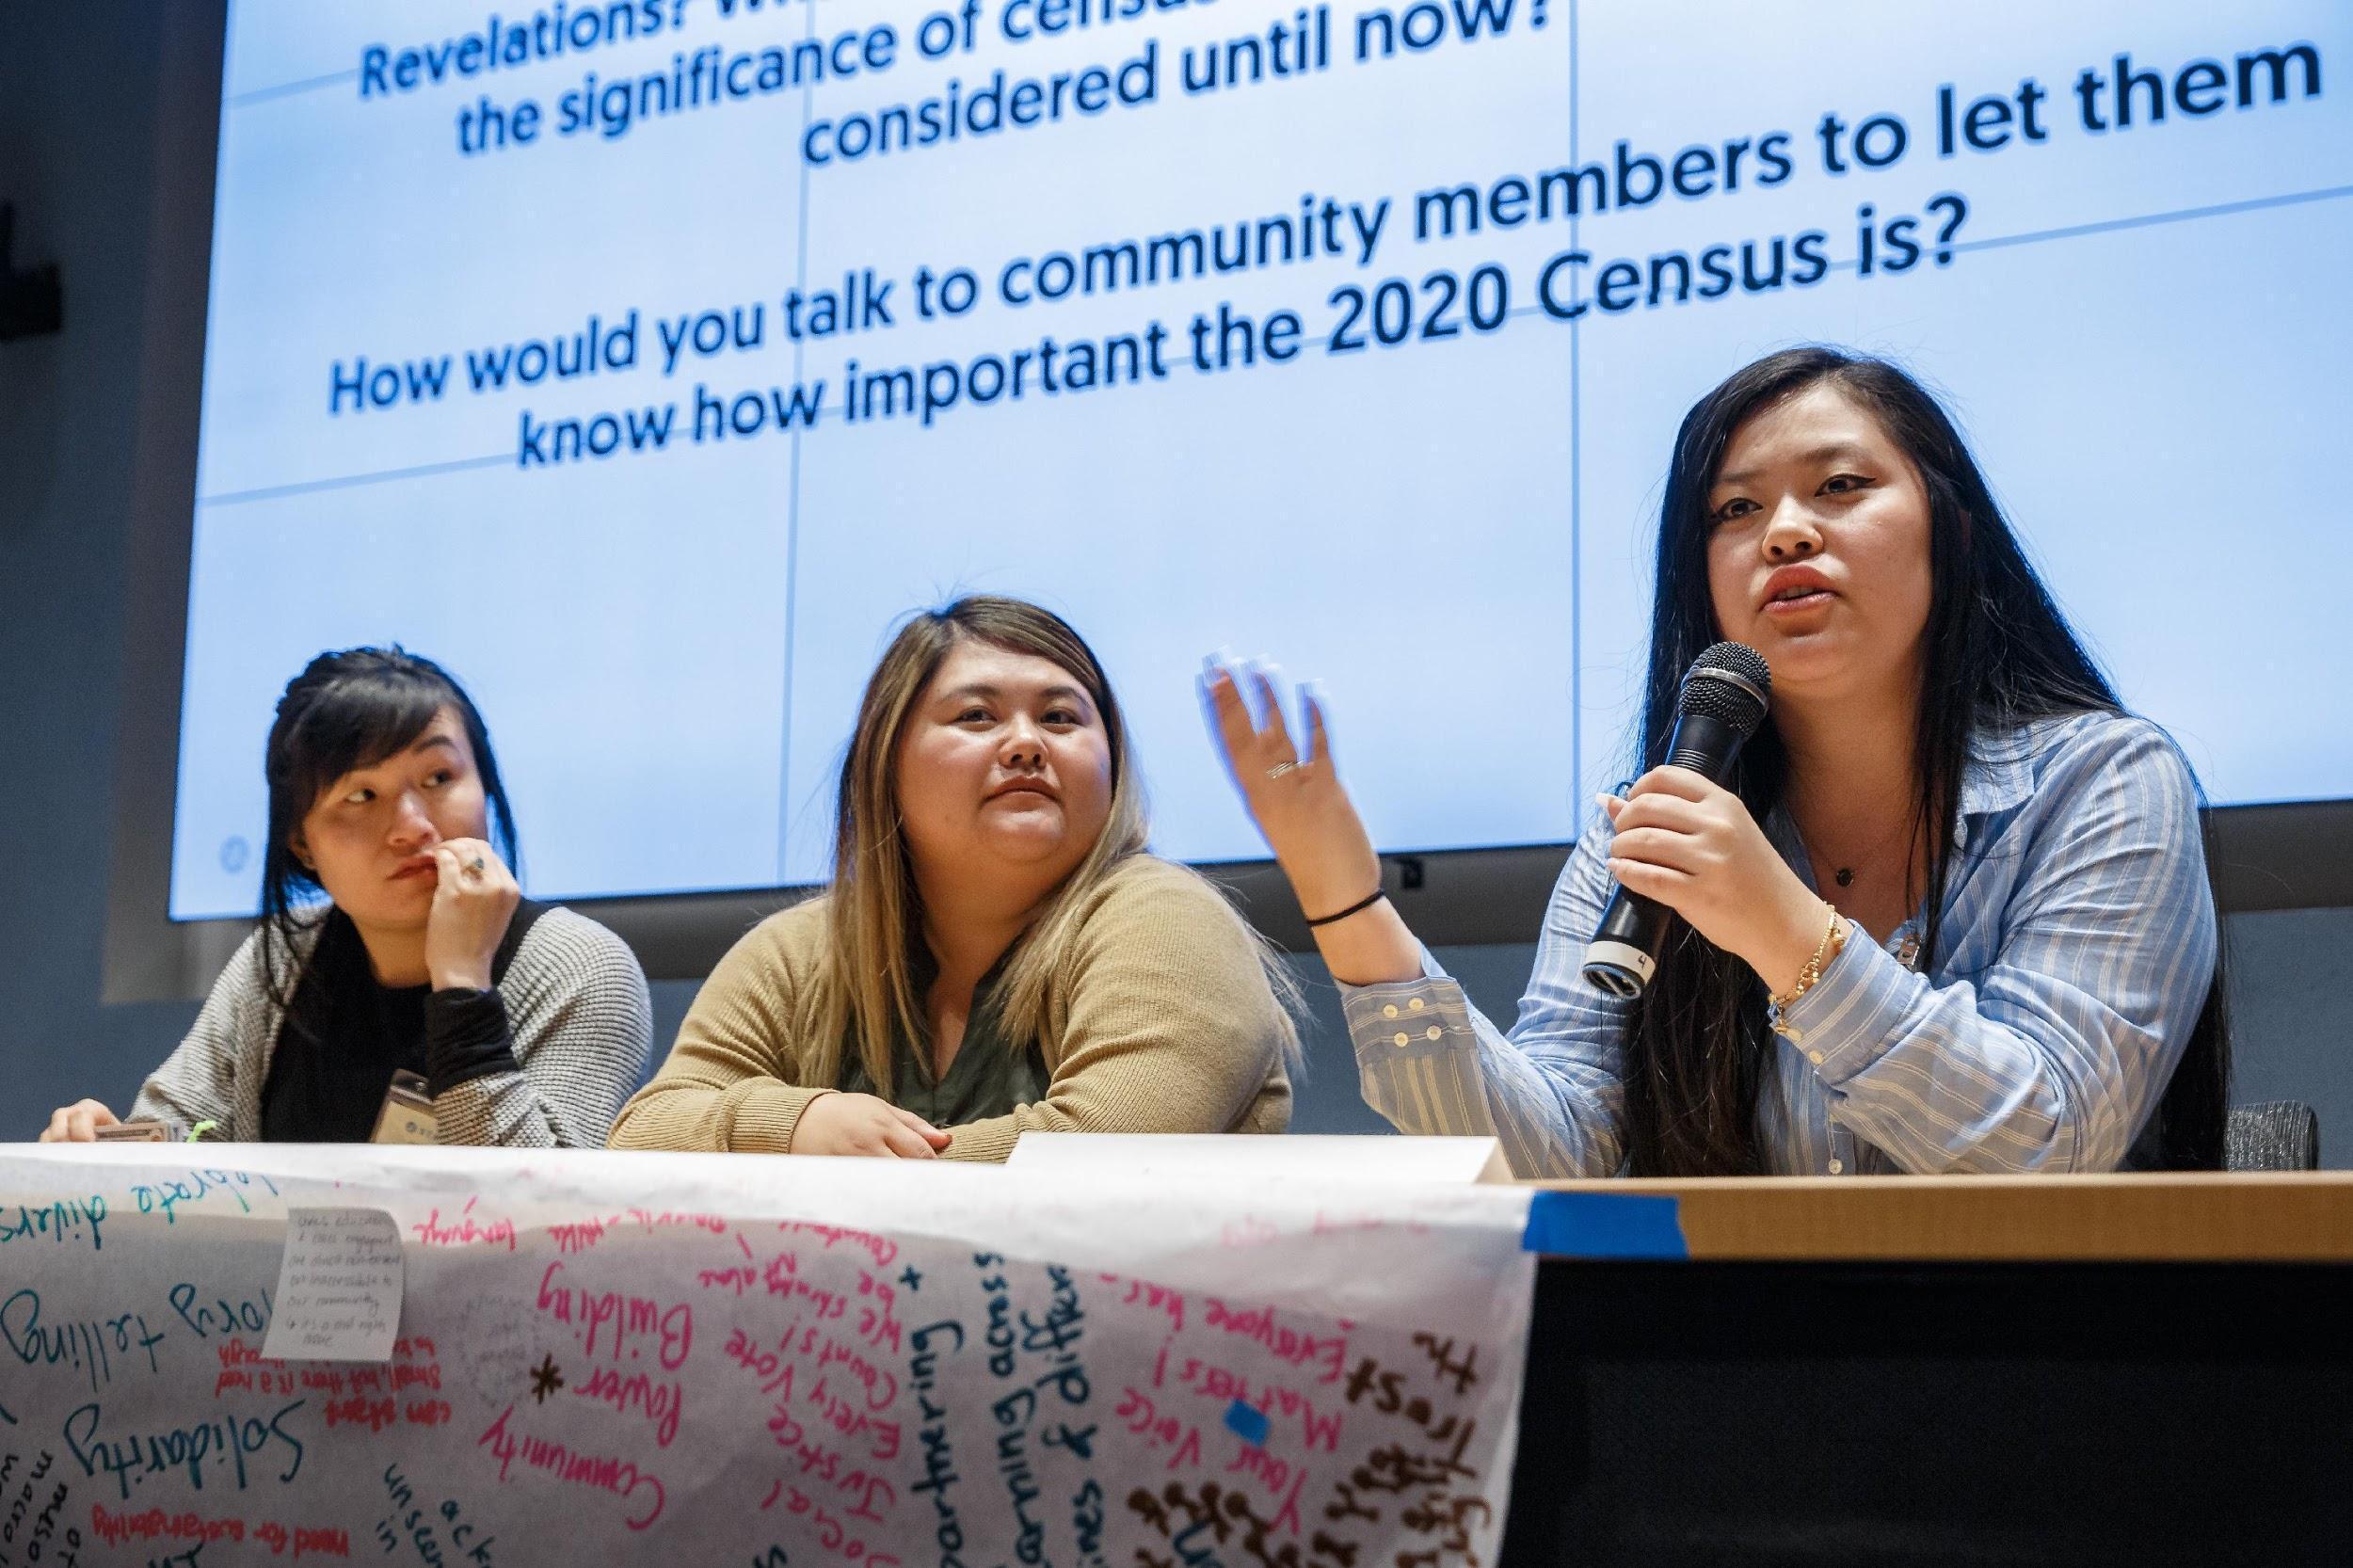 Thống kê dân số Hoa Kỳ: Tại sao Việt kiều Mỹ nên quan tâm?